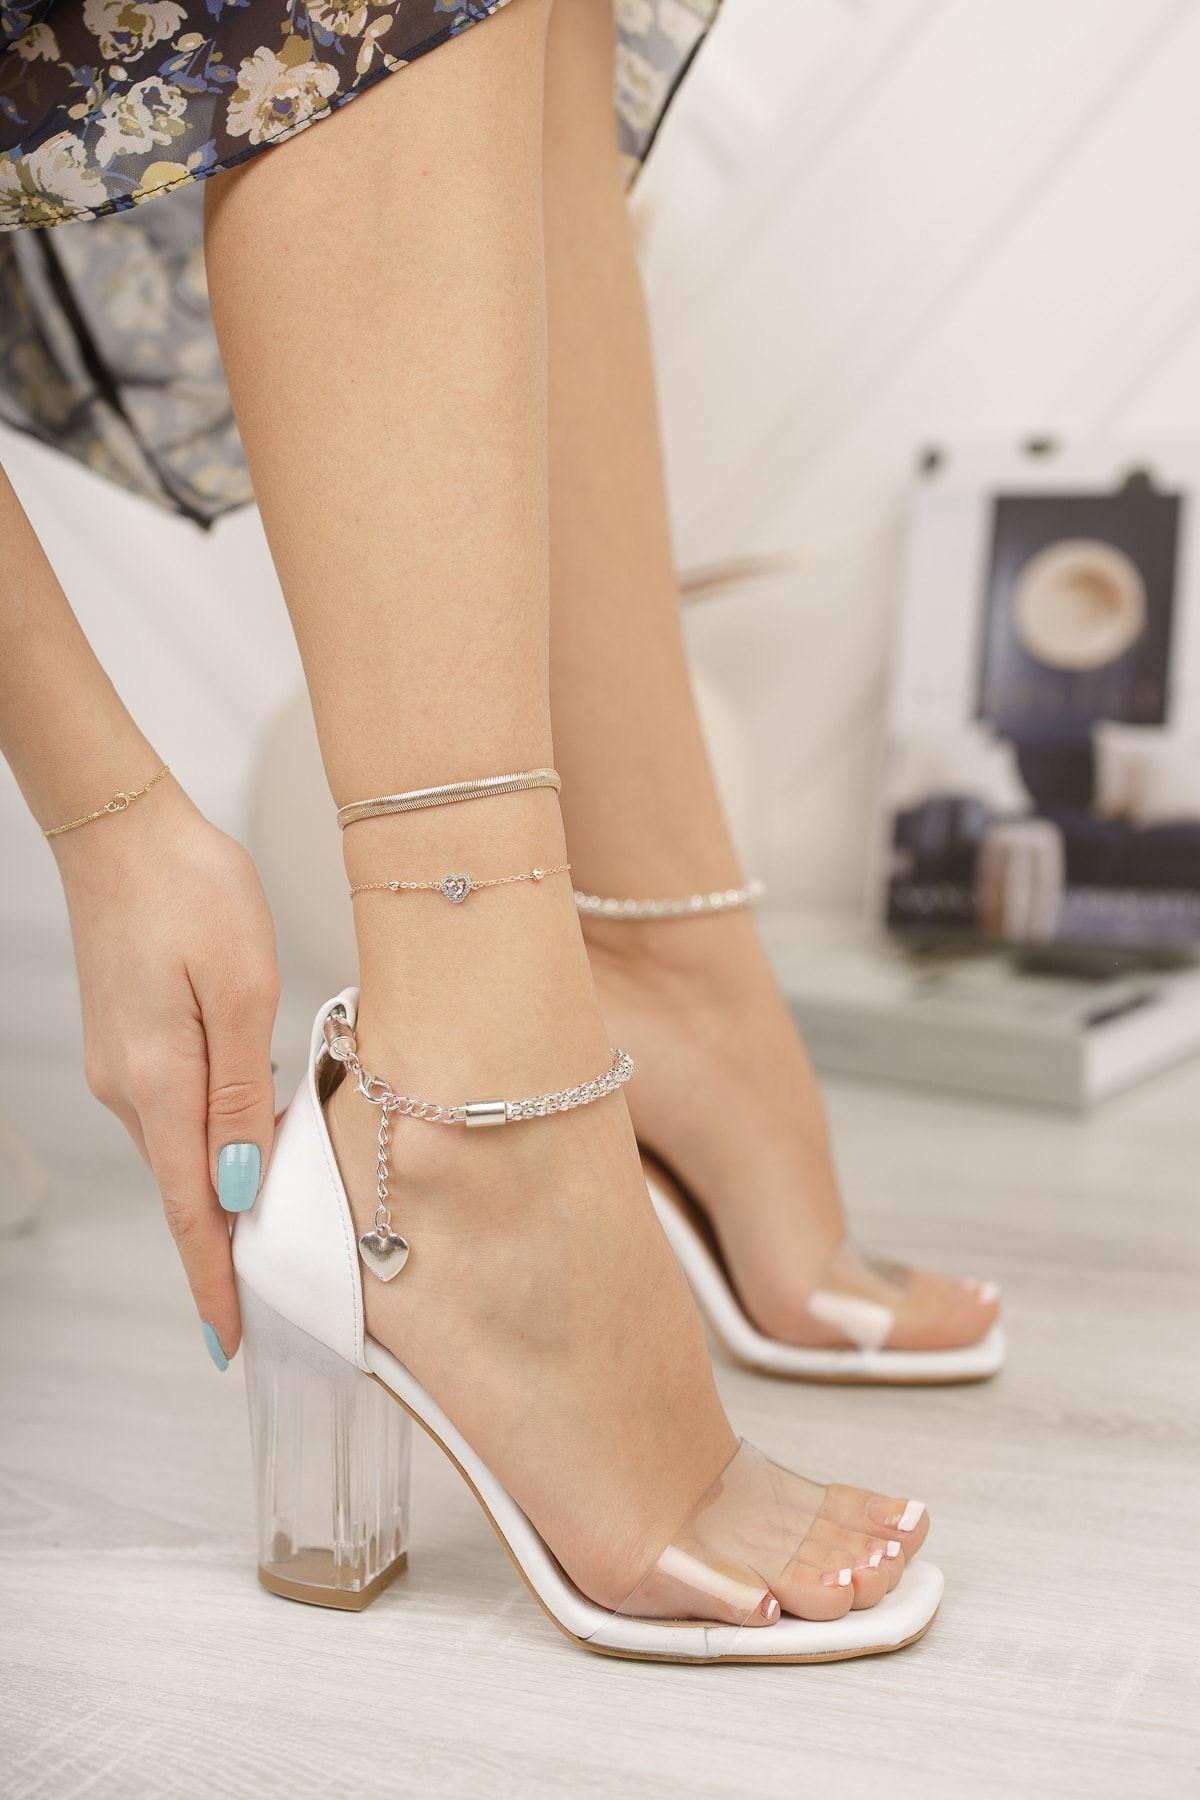 Beyaz Bileği Zincirli Kalın Şeffaf Topuklu Ayakkabı